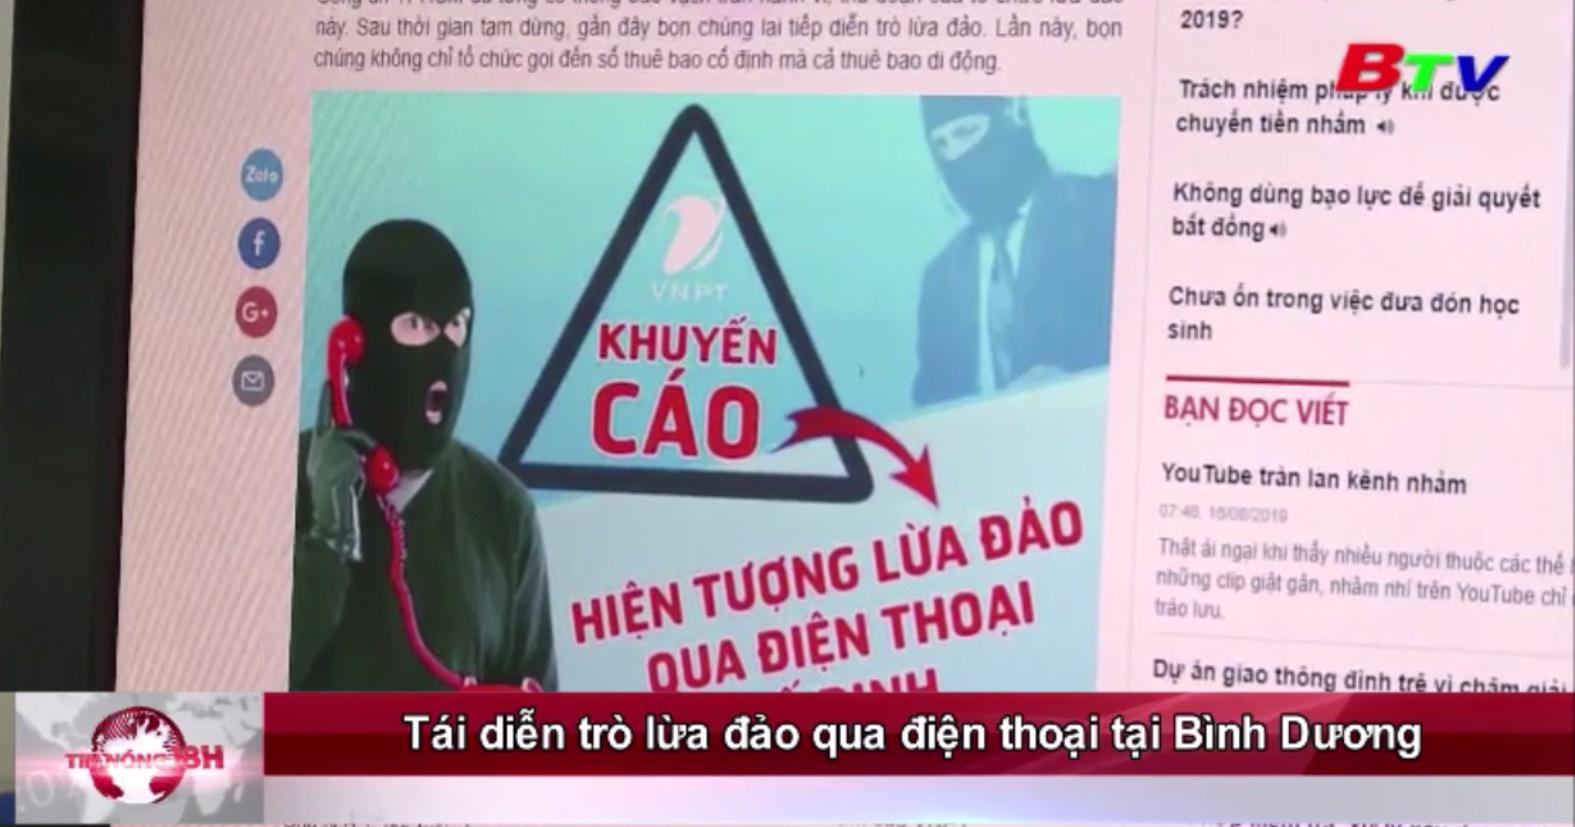 Bình Dương: Tái diễn trò lừa đảo qua điện thoại